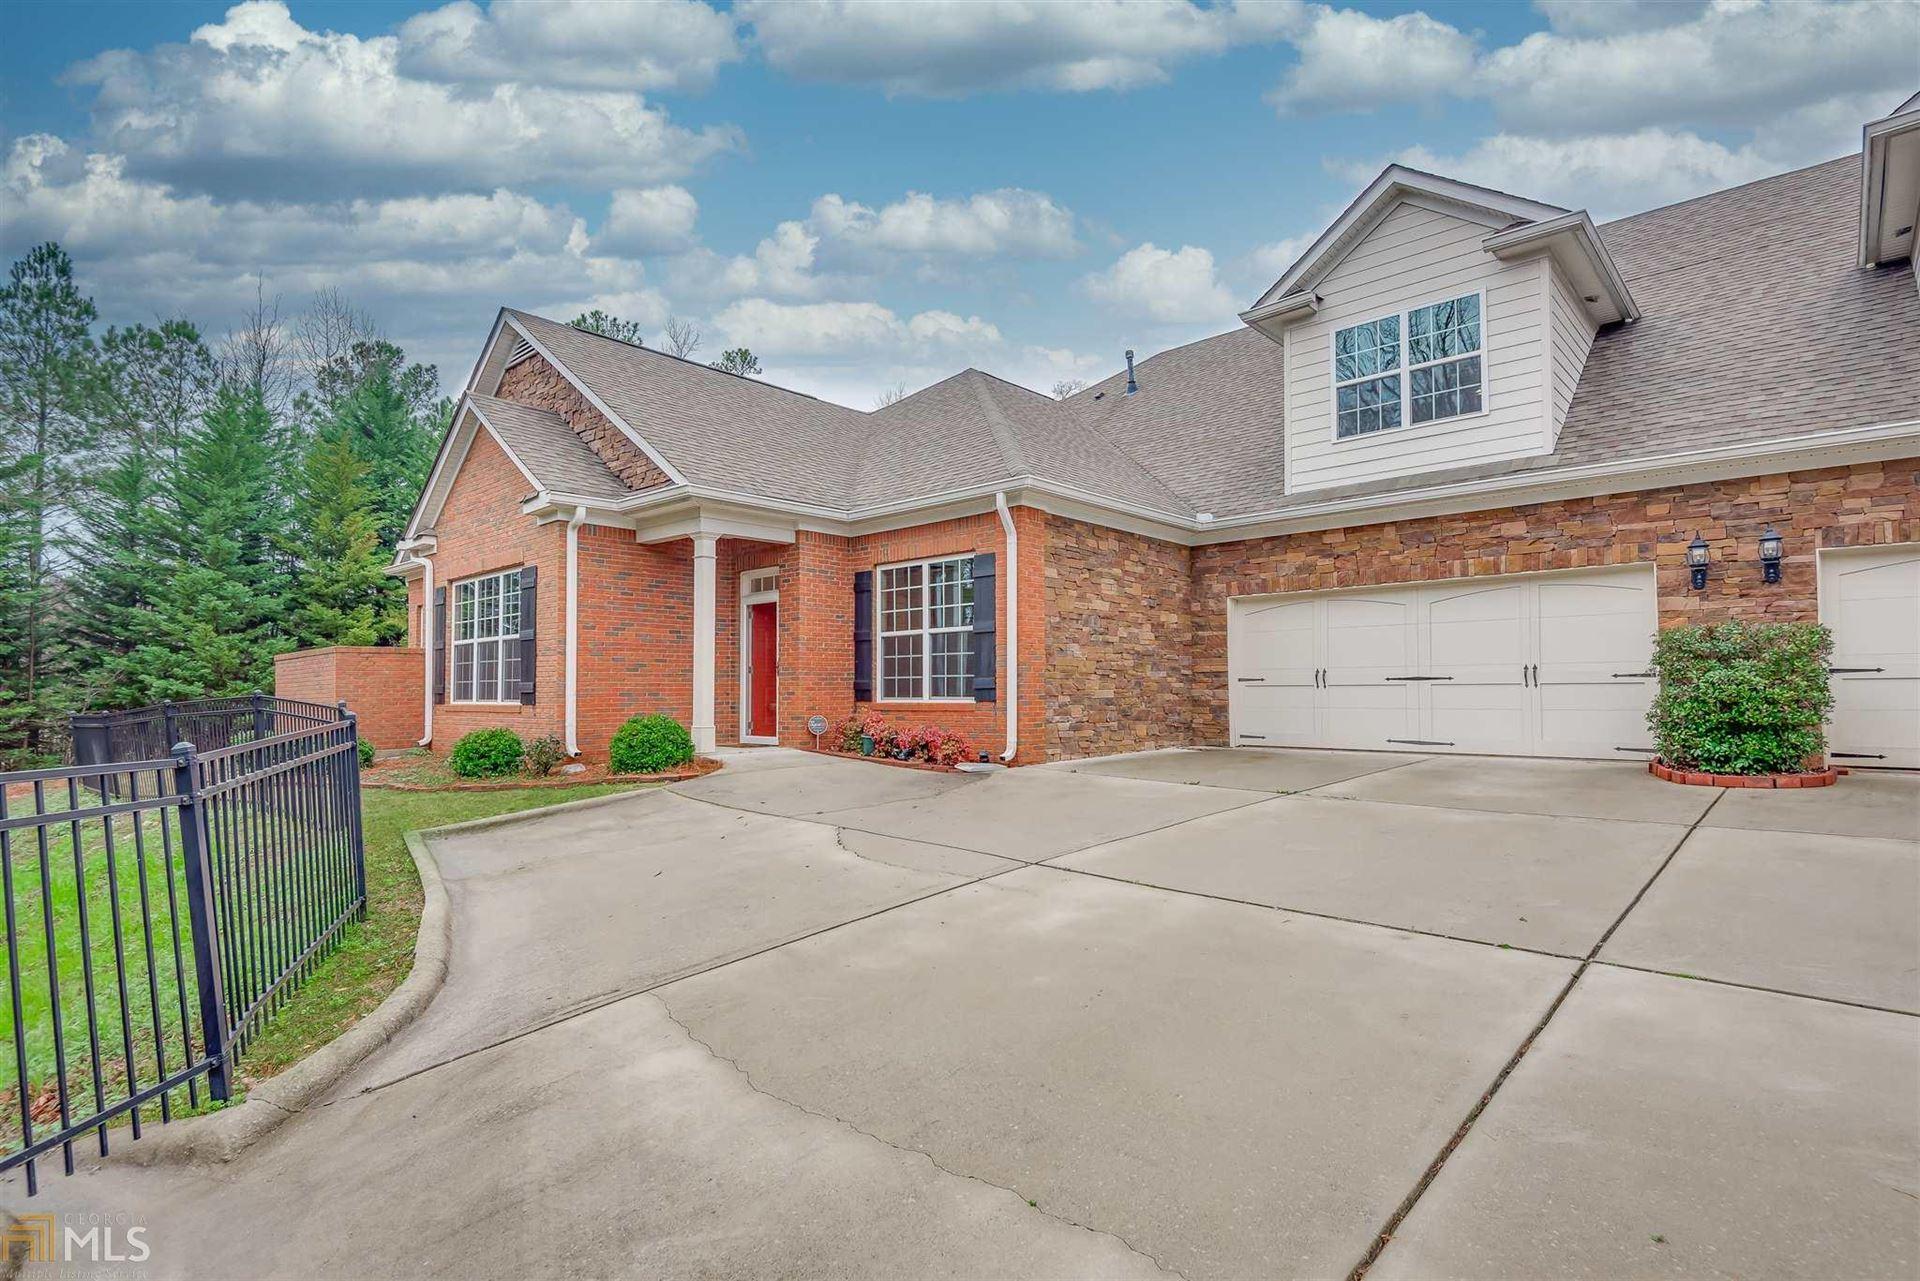 802 Haven Cir, Douglasville, GA 30135 - MLS#: 8843344